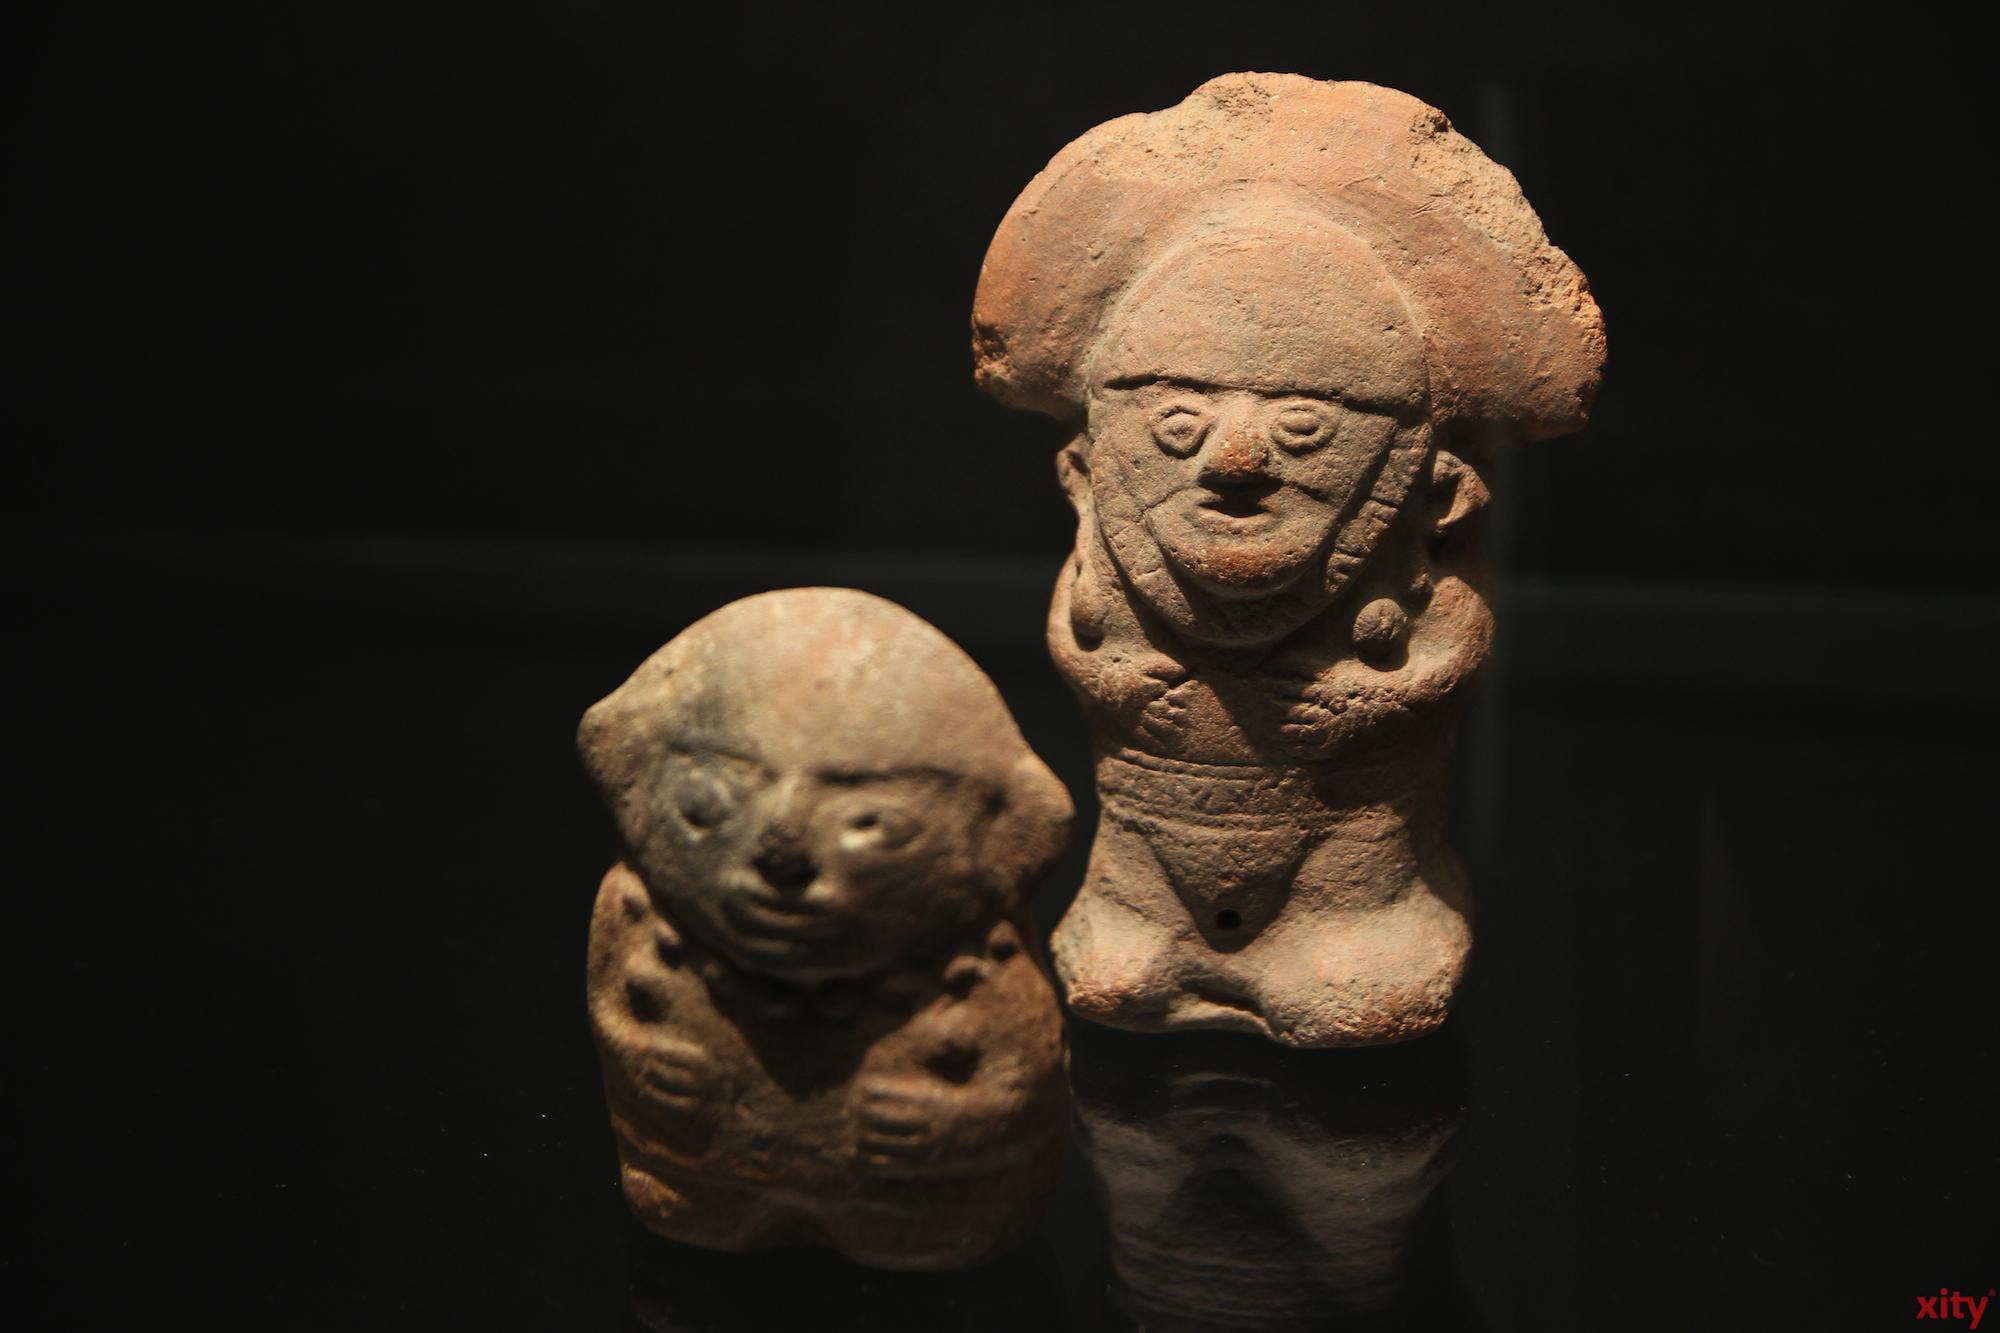 Da die prekolumbischen Völker keine Schrift nutzten, sind diese Keramikarbeiten eine Art, die Geschichte zu rekonstruieren (Foto: xity)